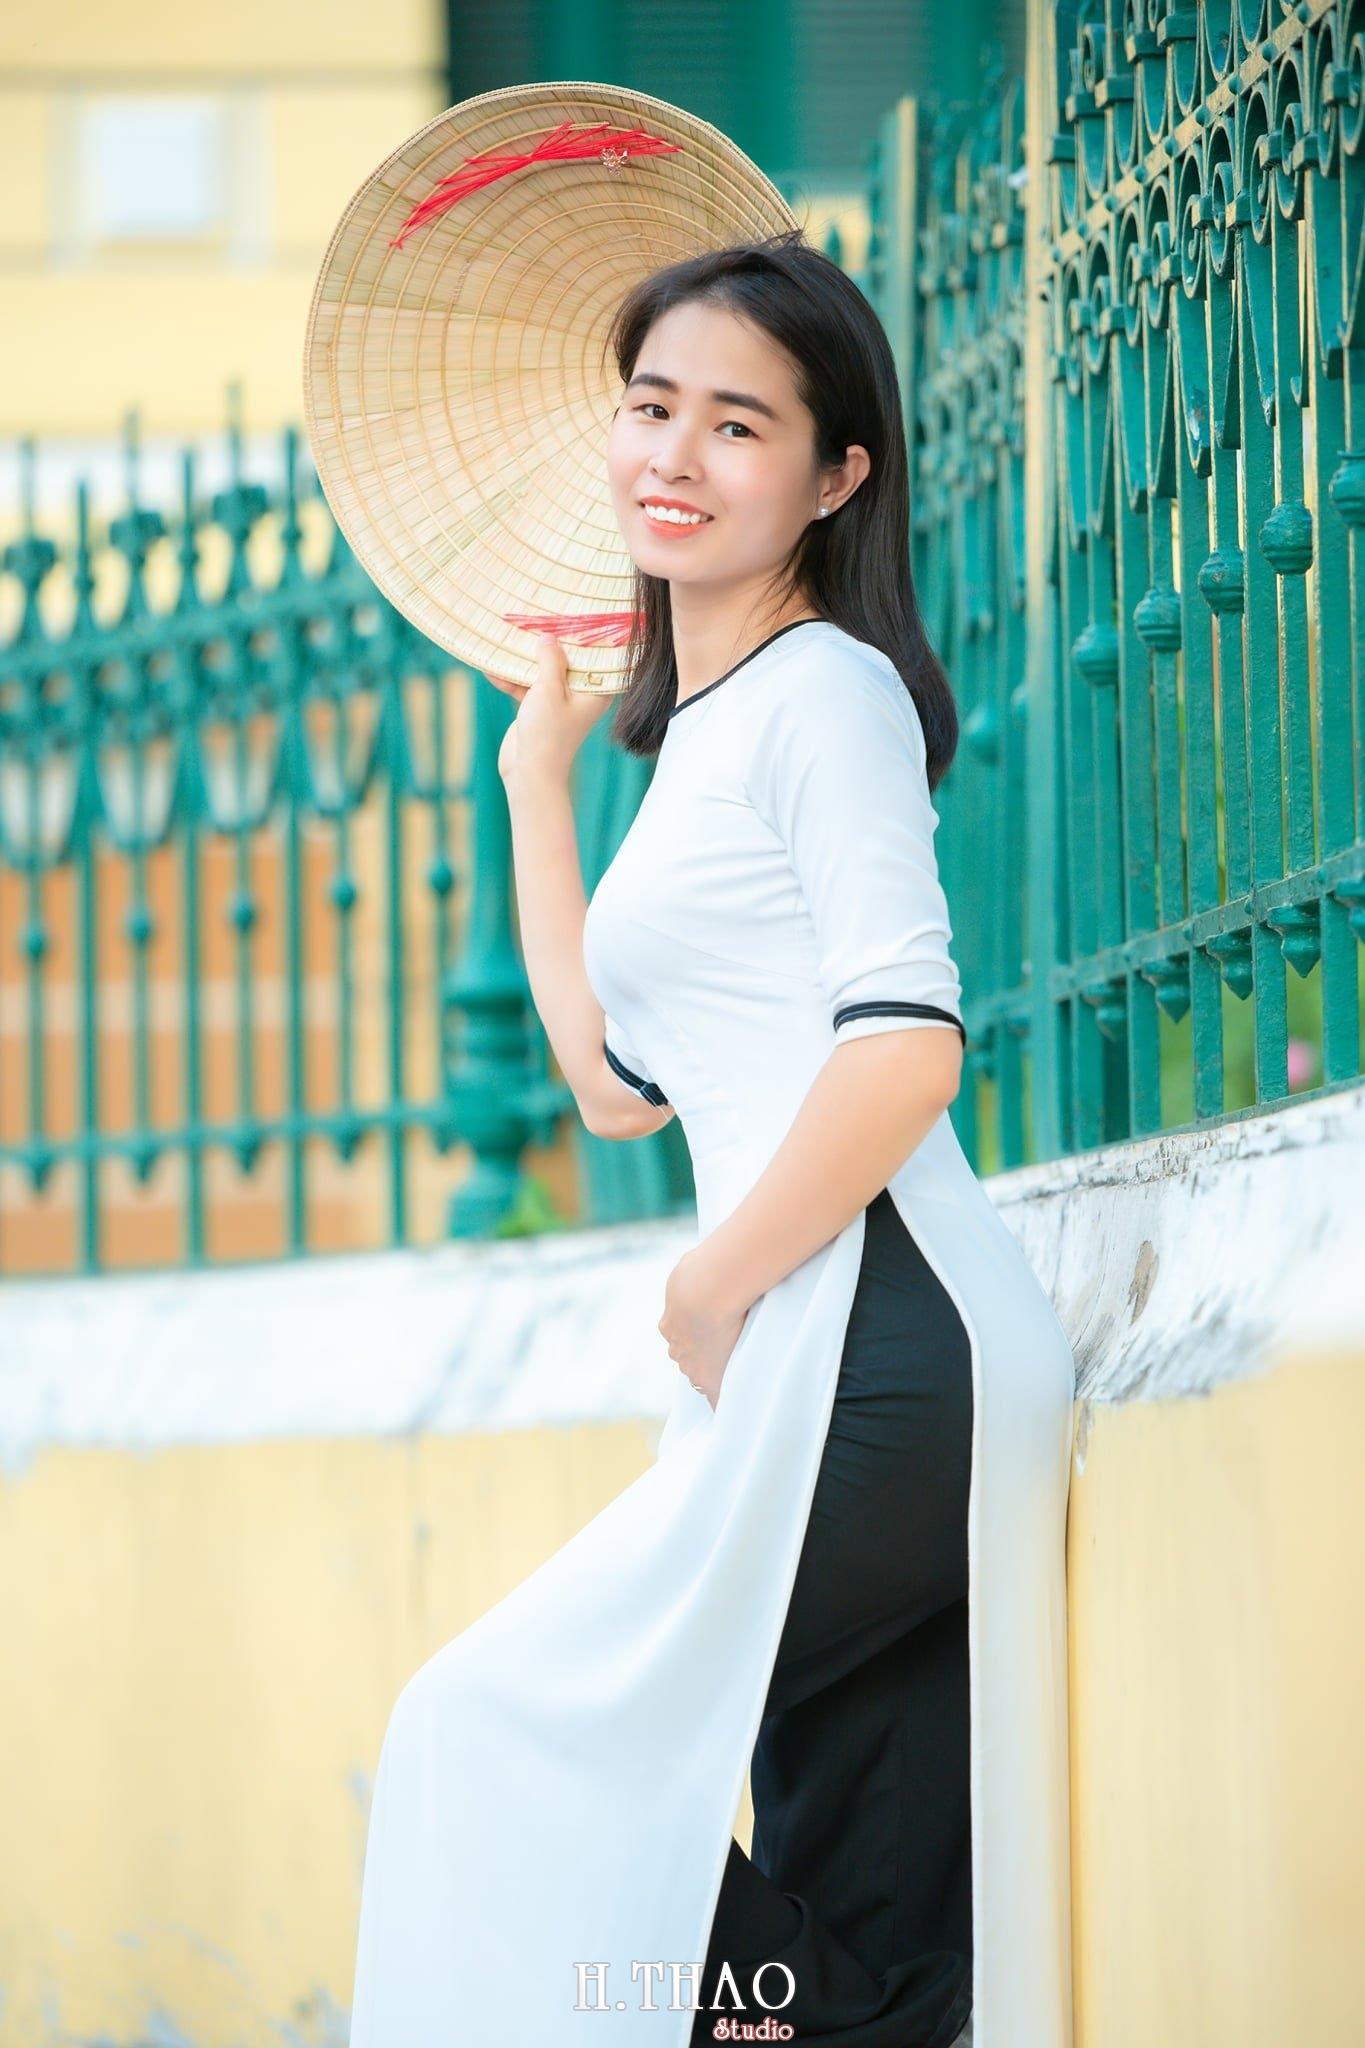 Ao dai 7 1 - Tổng hợp album ảnh áo dài chụp tại nhà thờ Đức Bà - HThao Studio